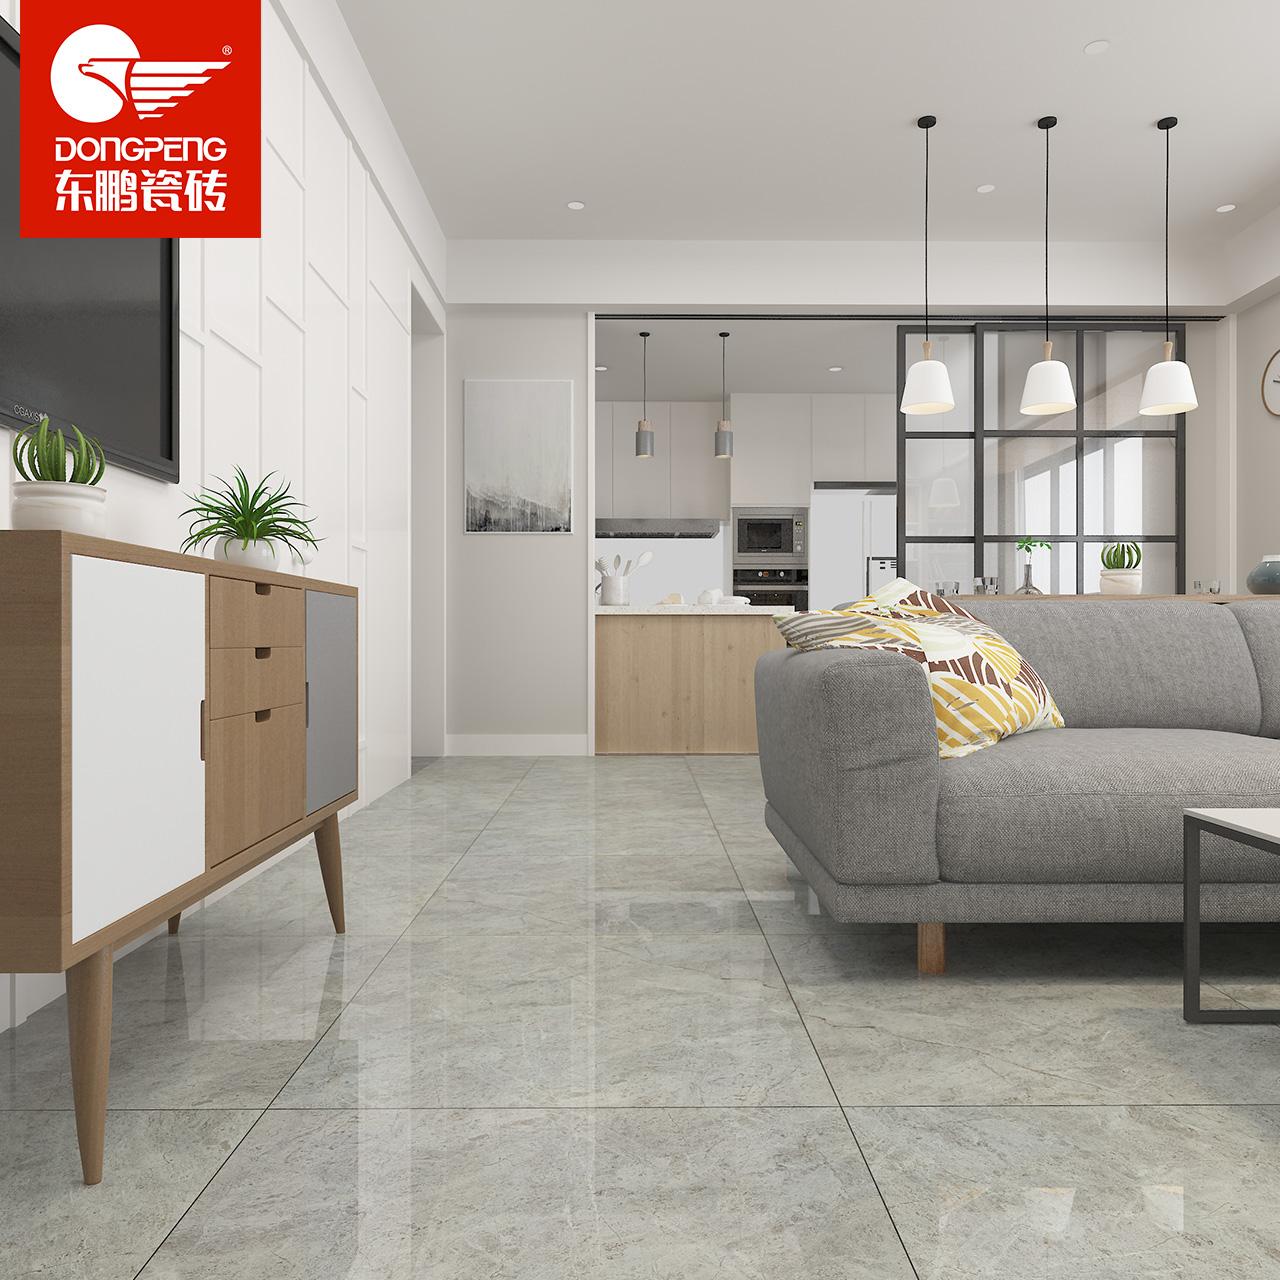 USD 164.21] Dongpeng tile cloud Dora grey floor tiles living room ...